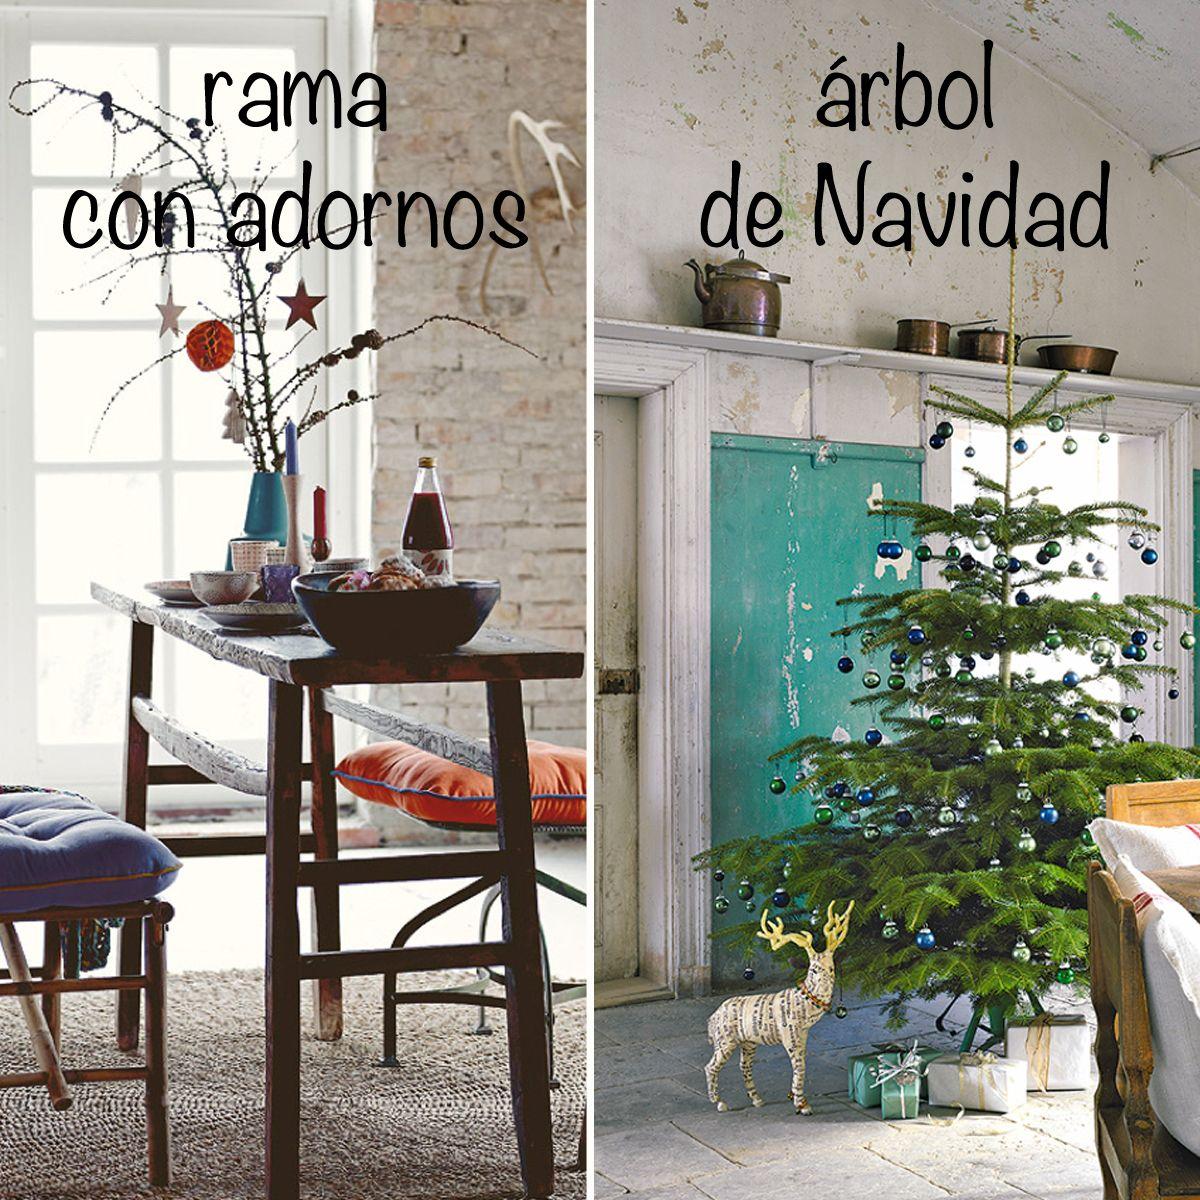 Con qu te quedas a rama con adornos de navidad b - Arbol de navidad con ramas ...